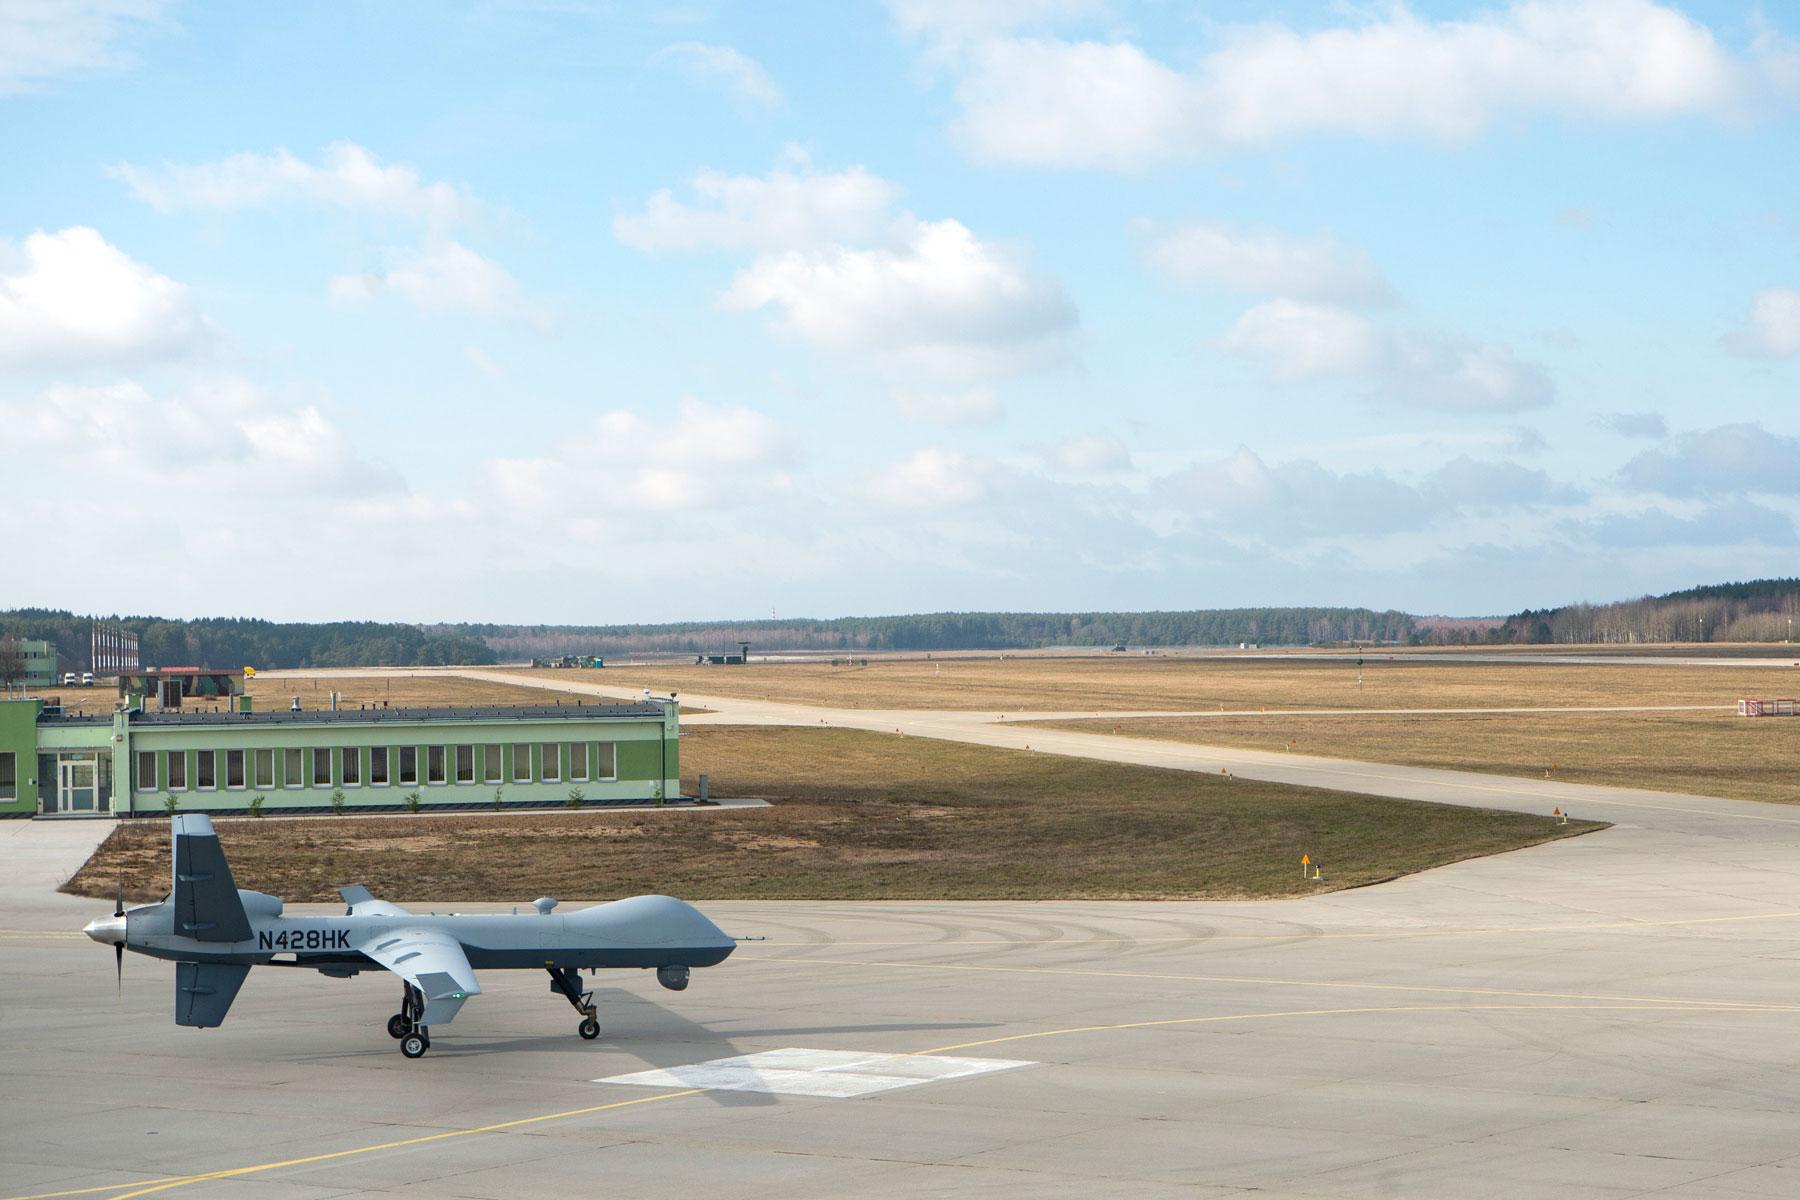 MQ-9 Reaper Drone Operations Begin at Polish Air Base